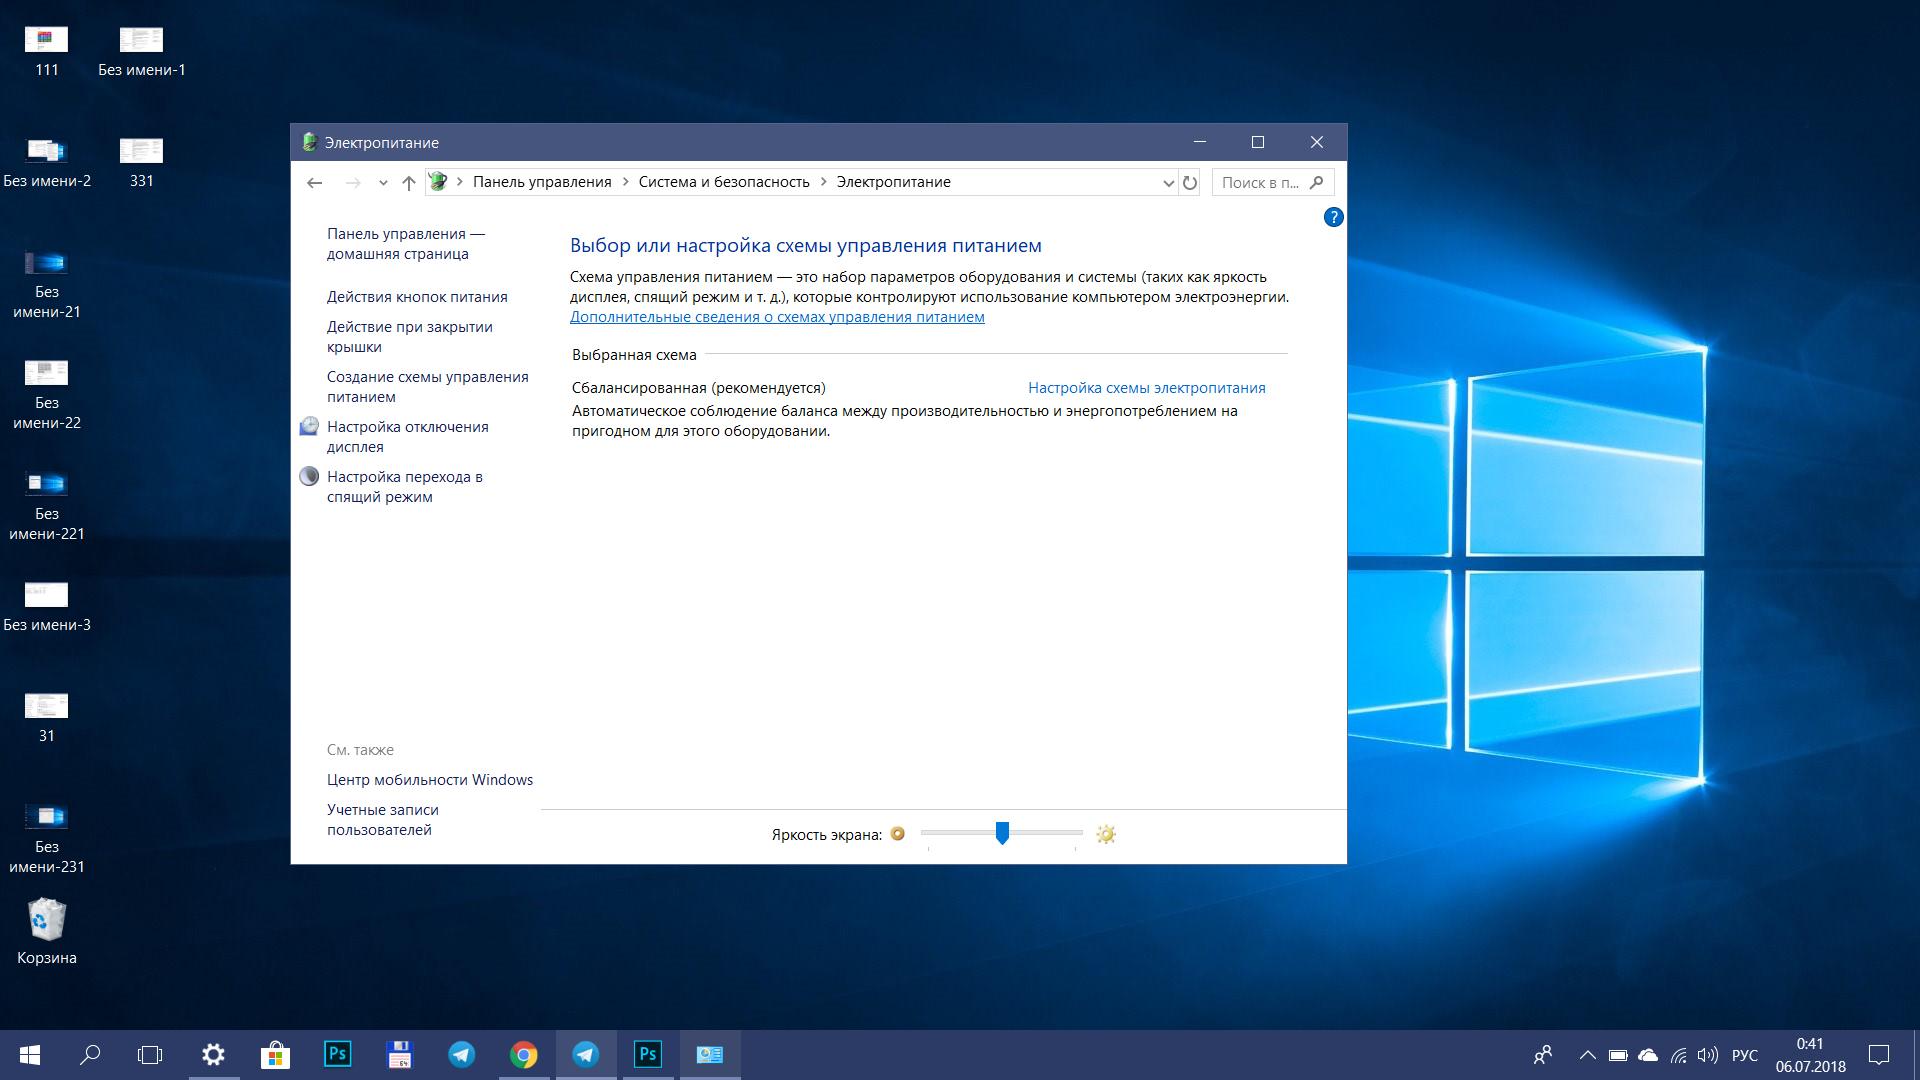 Как сделать компьютер быстрее windows 10 фото 920